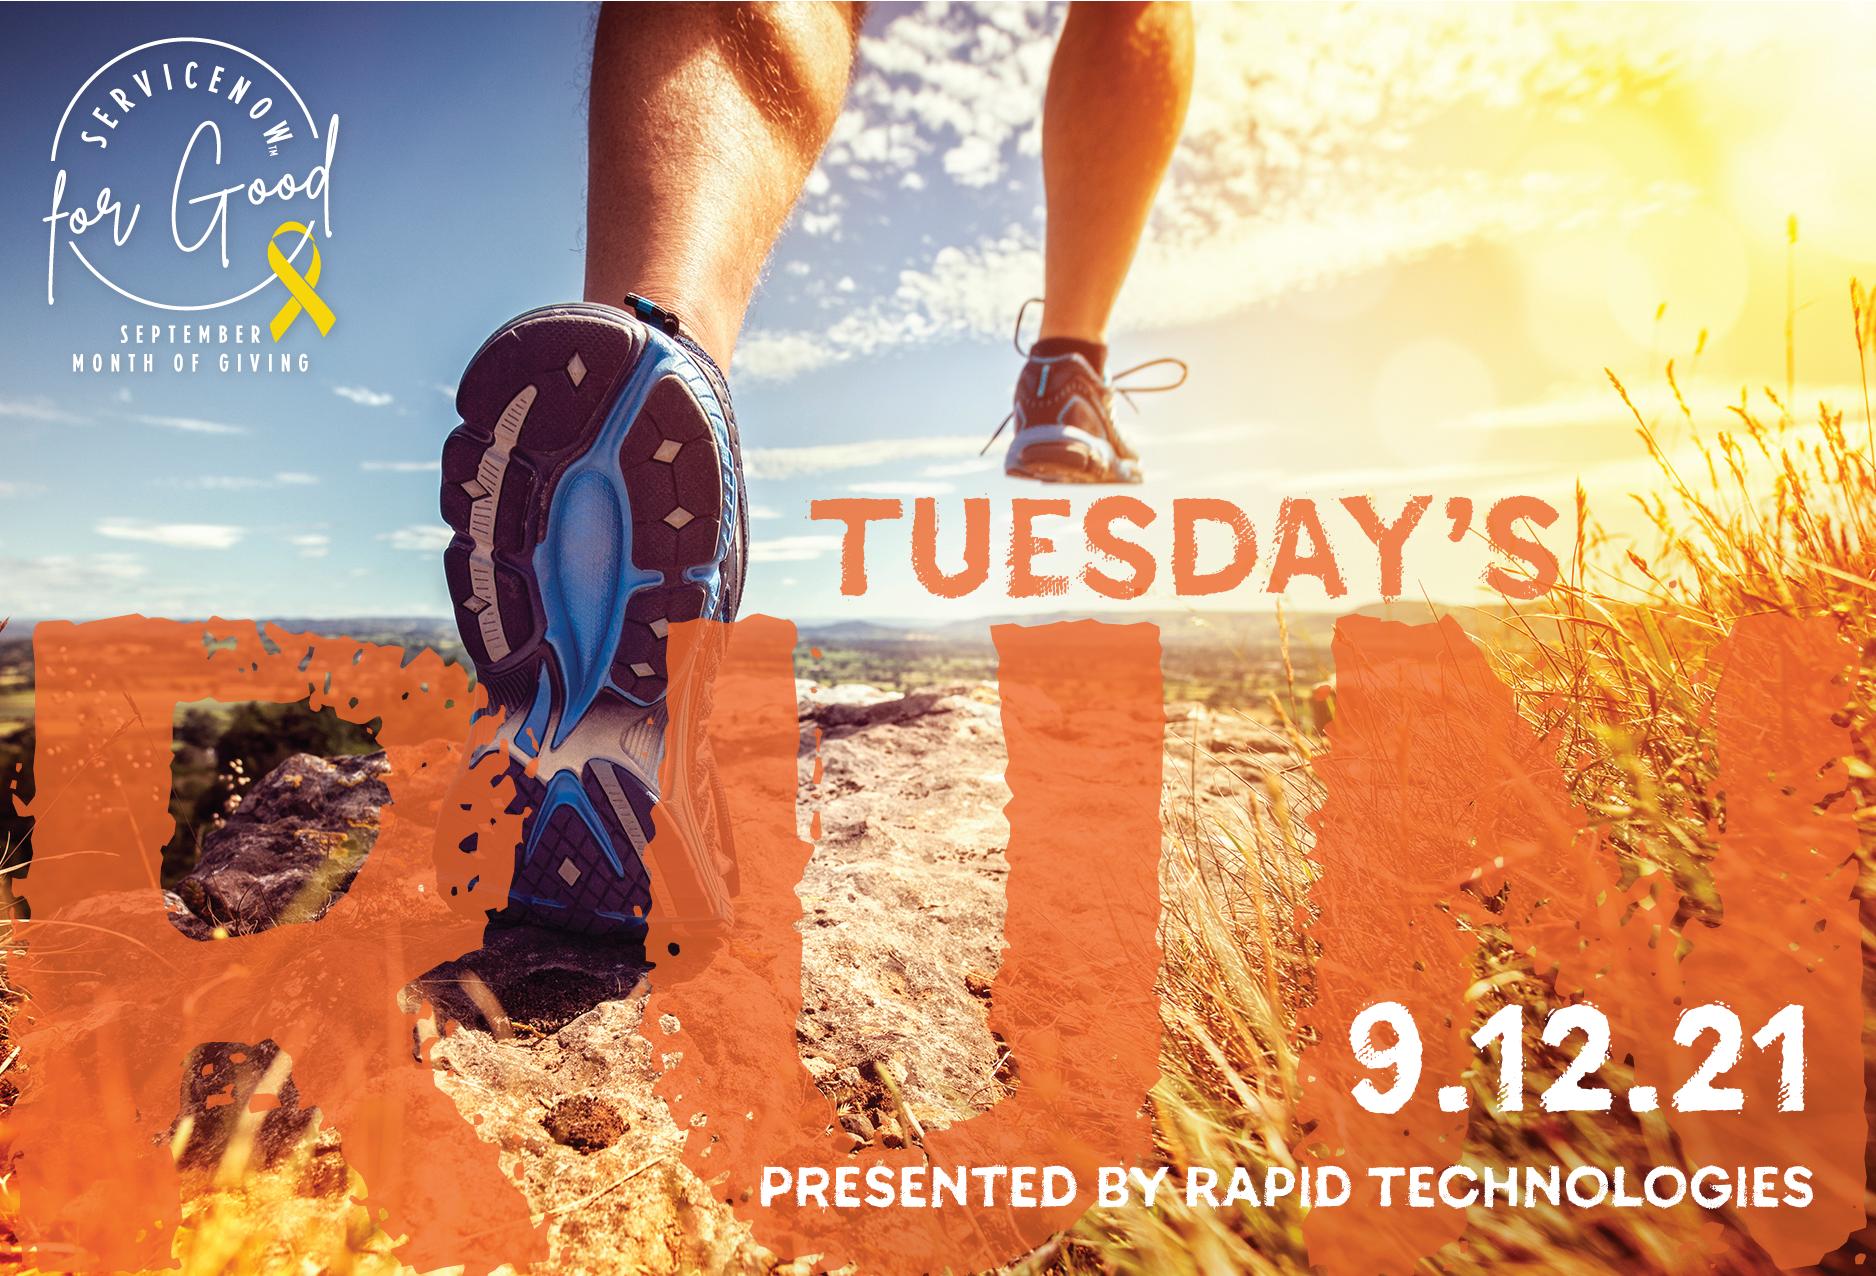 Virtual 5k - run or walk with us!